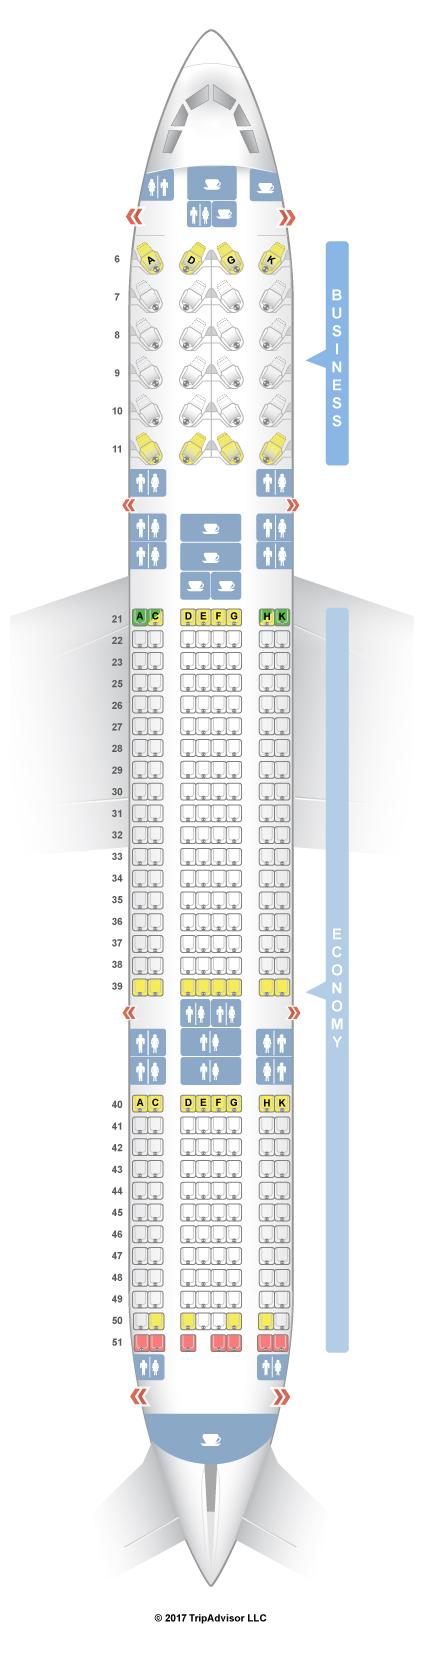 Seatguru Seat Map Garuda Indonesia Airbus A330 300 333 V2 Rh Com Air Canada Ai